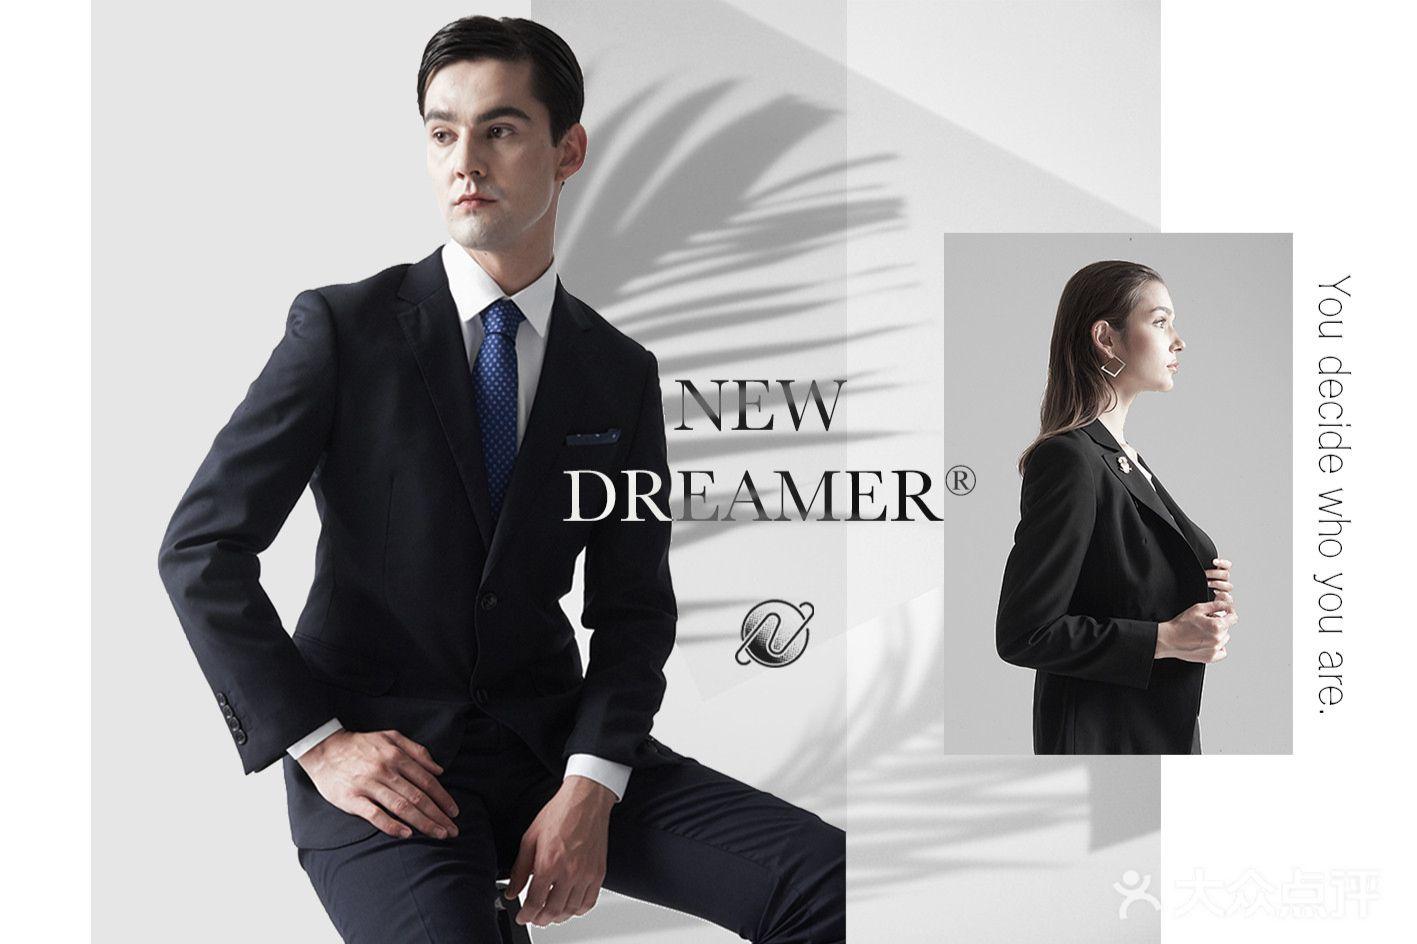 NEW DREAMER新梦想家西服的图片